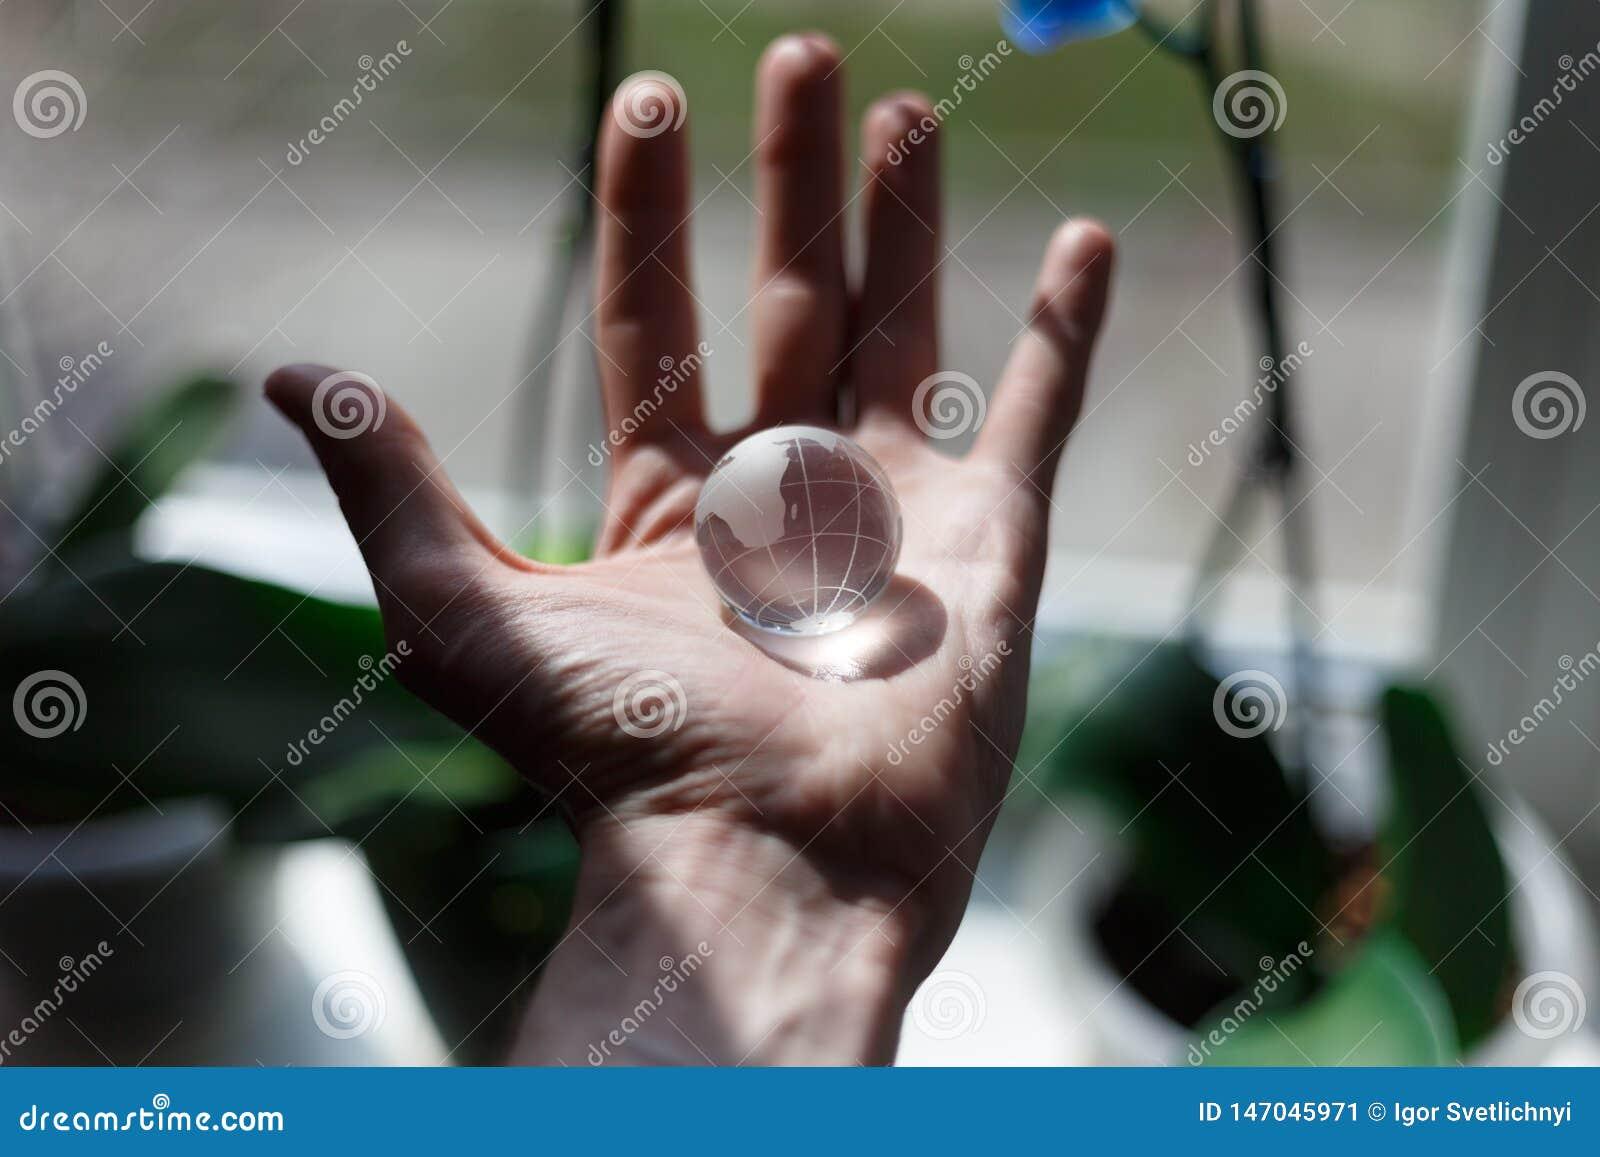 Mão que guarda um globo de cristal pequeno conceito do curso